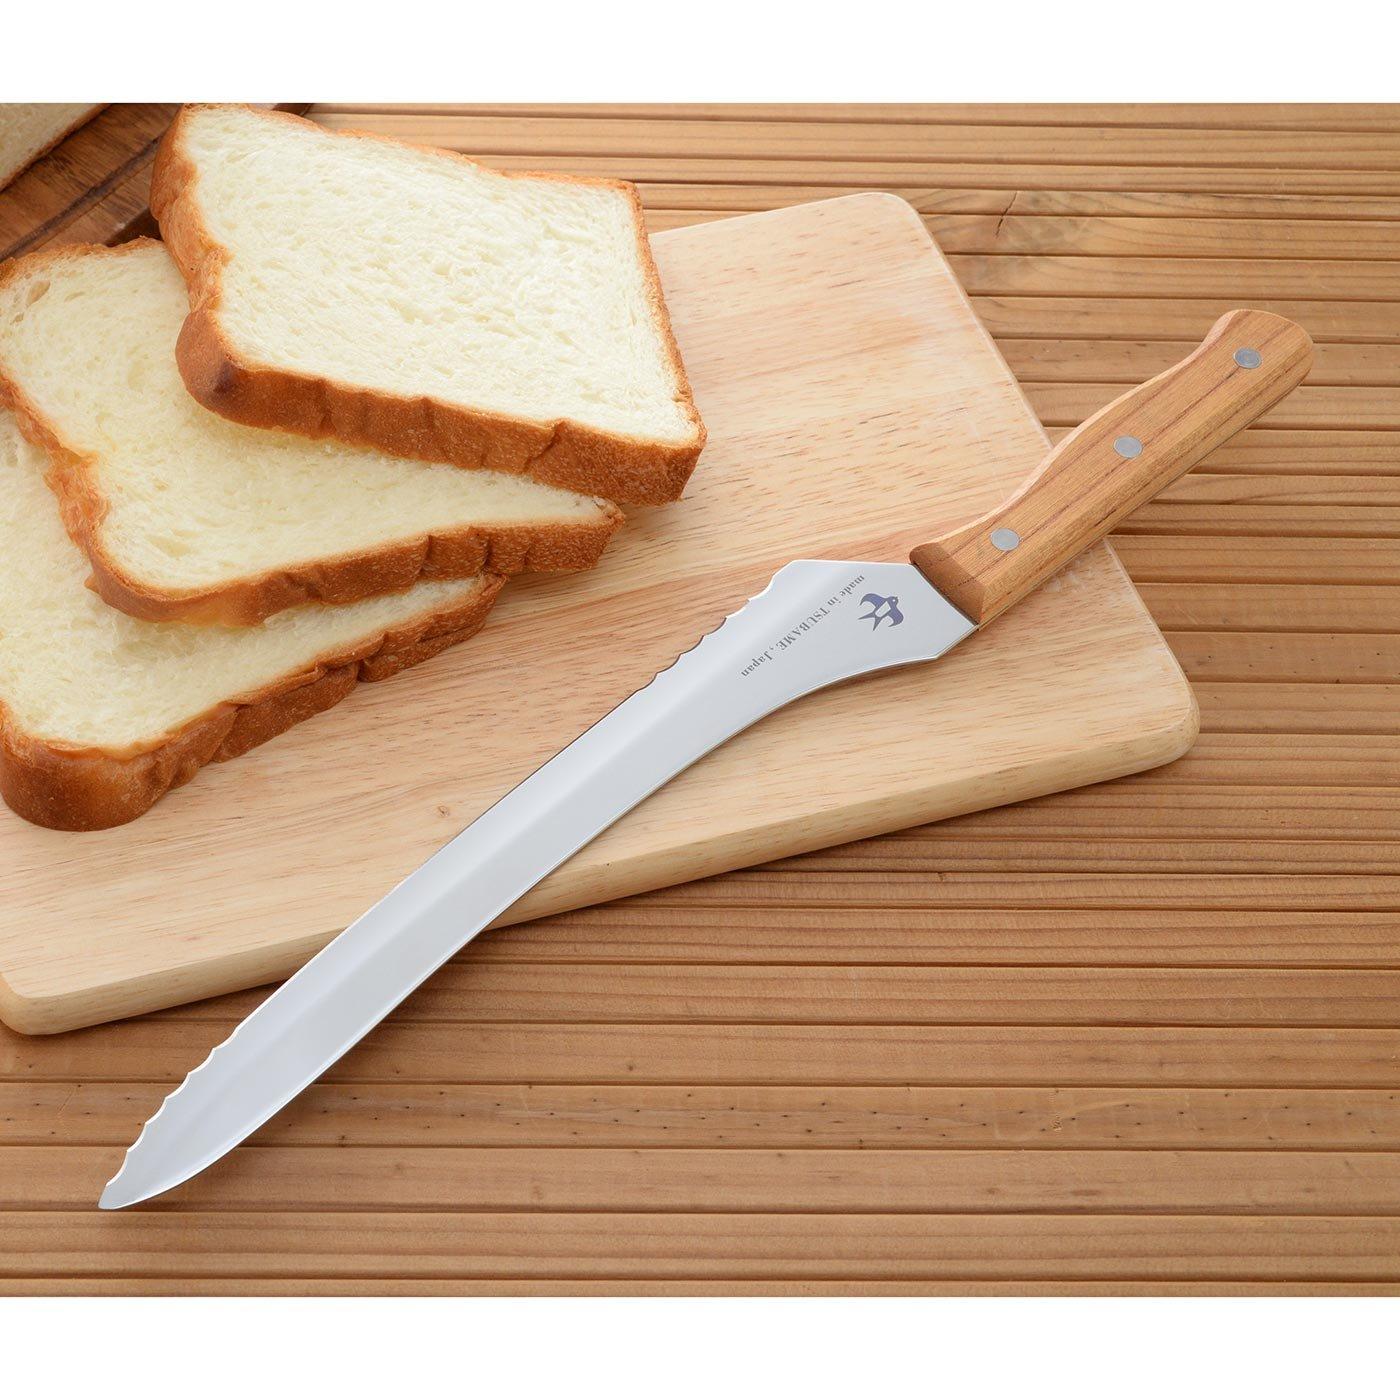 波刃と直刃がポイント! 硬くてもやわらかくてもきれいに切れるパンナイフ